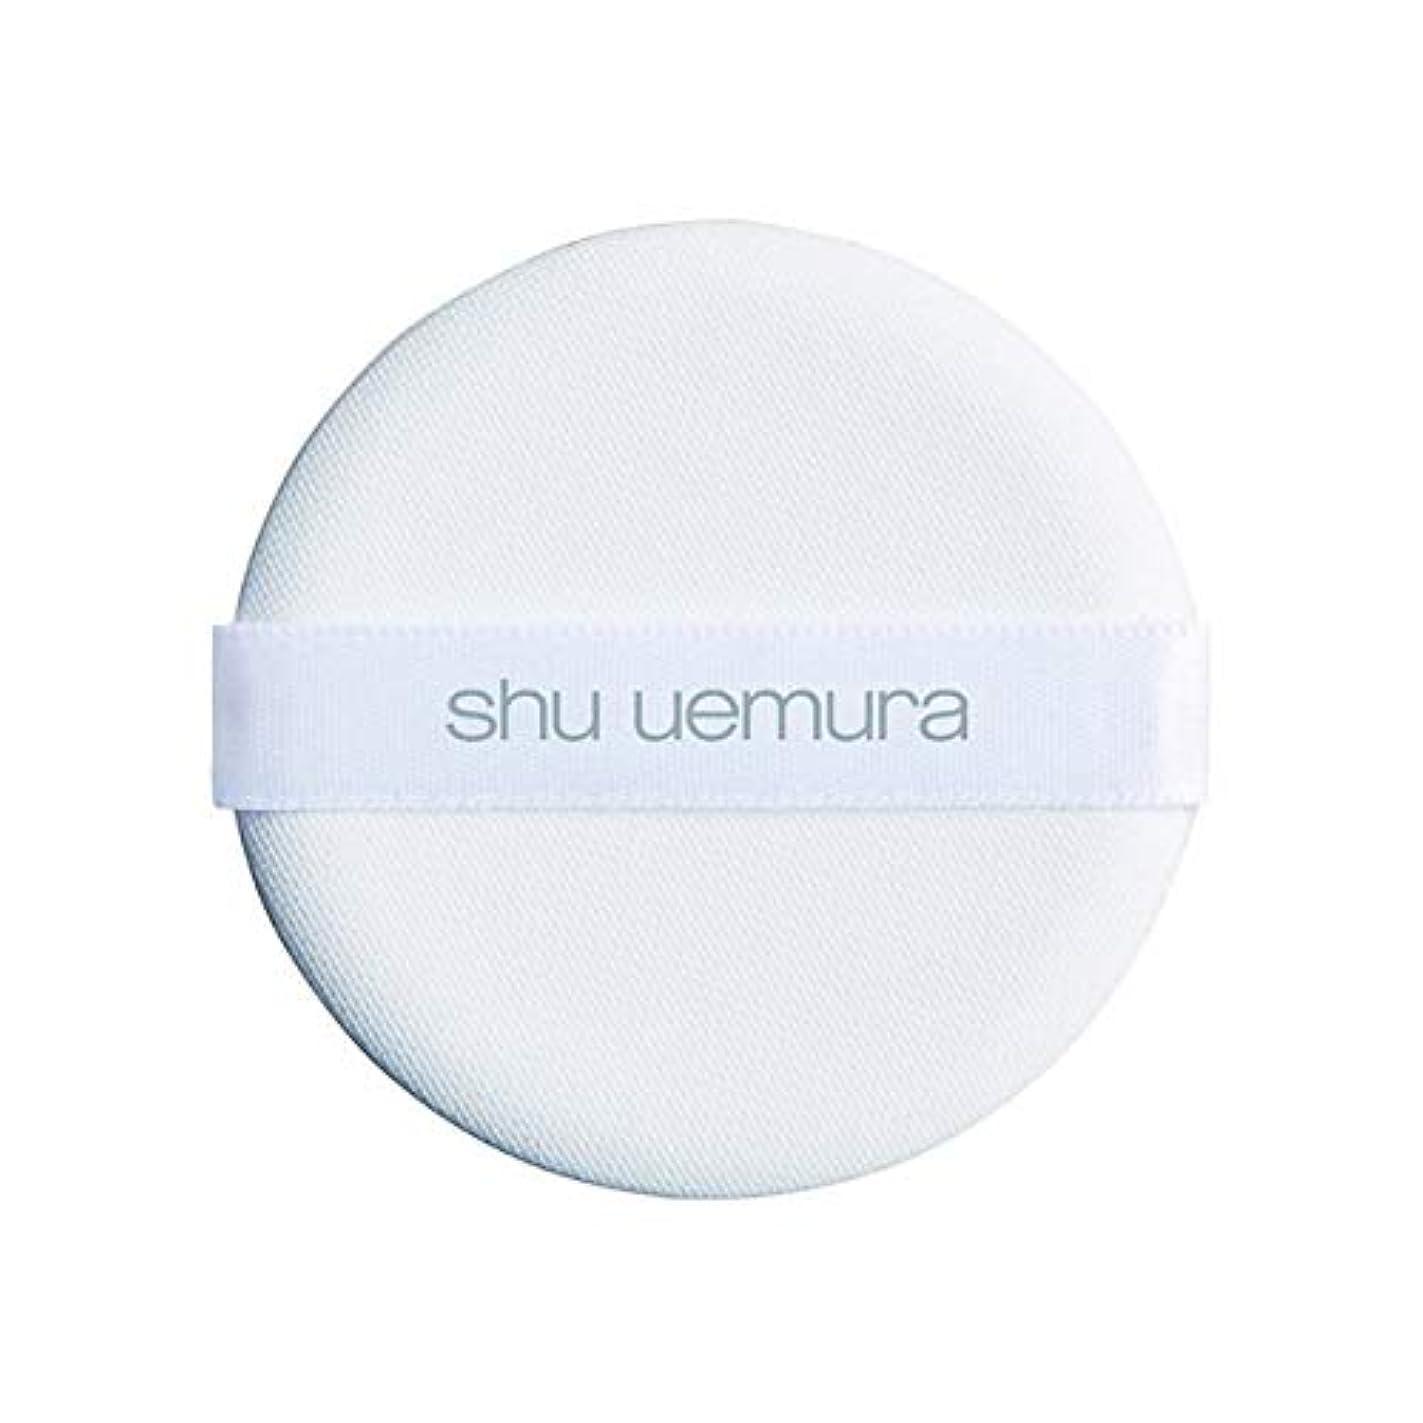 ジョブ異常な技術shu uemura(シュウ ウエムラ) ハイカバレッジ クッションパフ